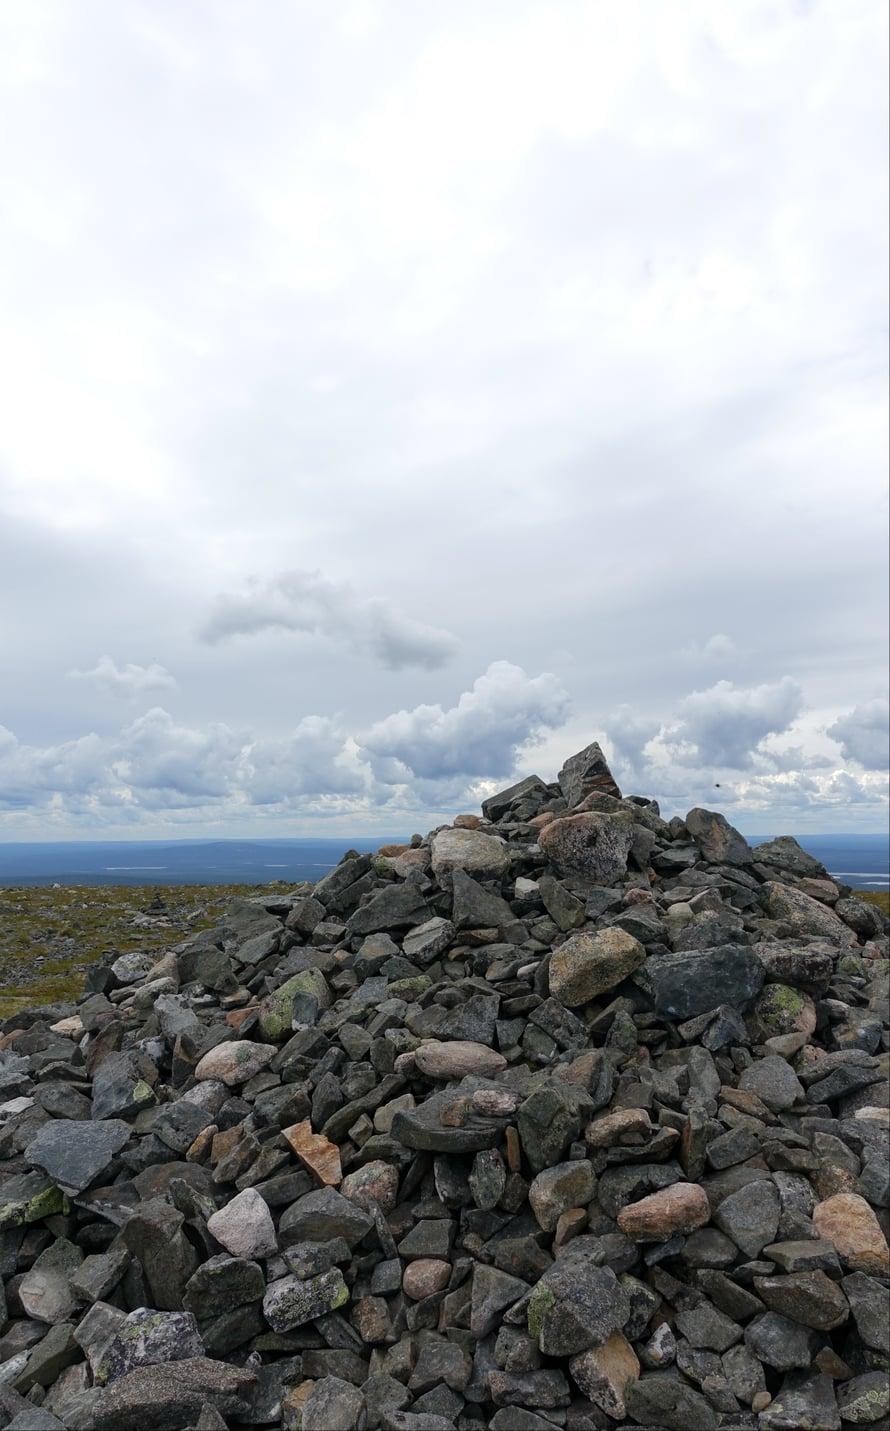 Palkaskeron huipulle kulkijat ovat kasanneet kiviä keoksi, vaikka kansallispuiston luontoon ei saisi jättää jälkiä.